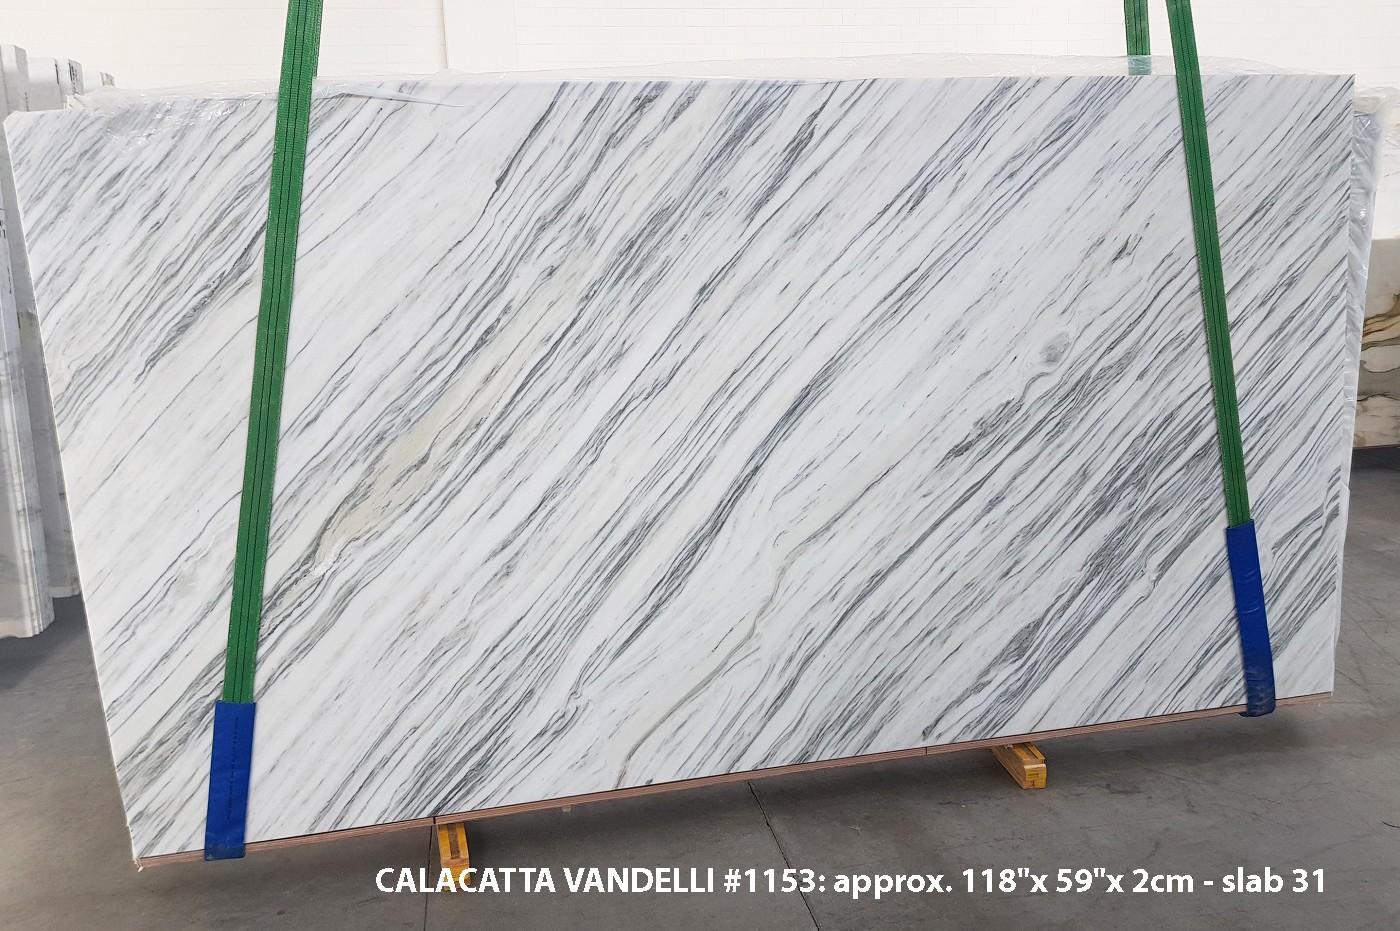 Calacatta Vandelli Suministro Veneto (Italia) de planchas pulidas en mármol natural 1153 , Slab #31